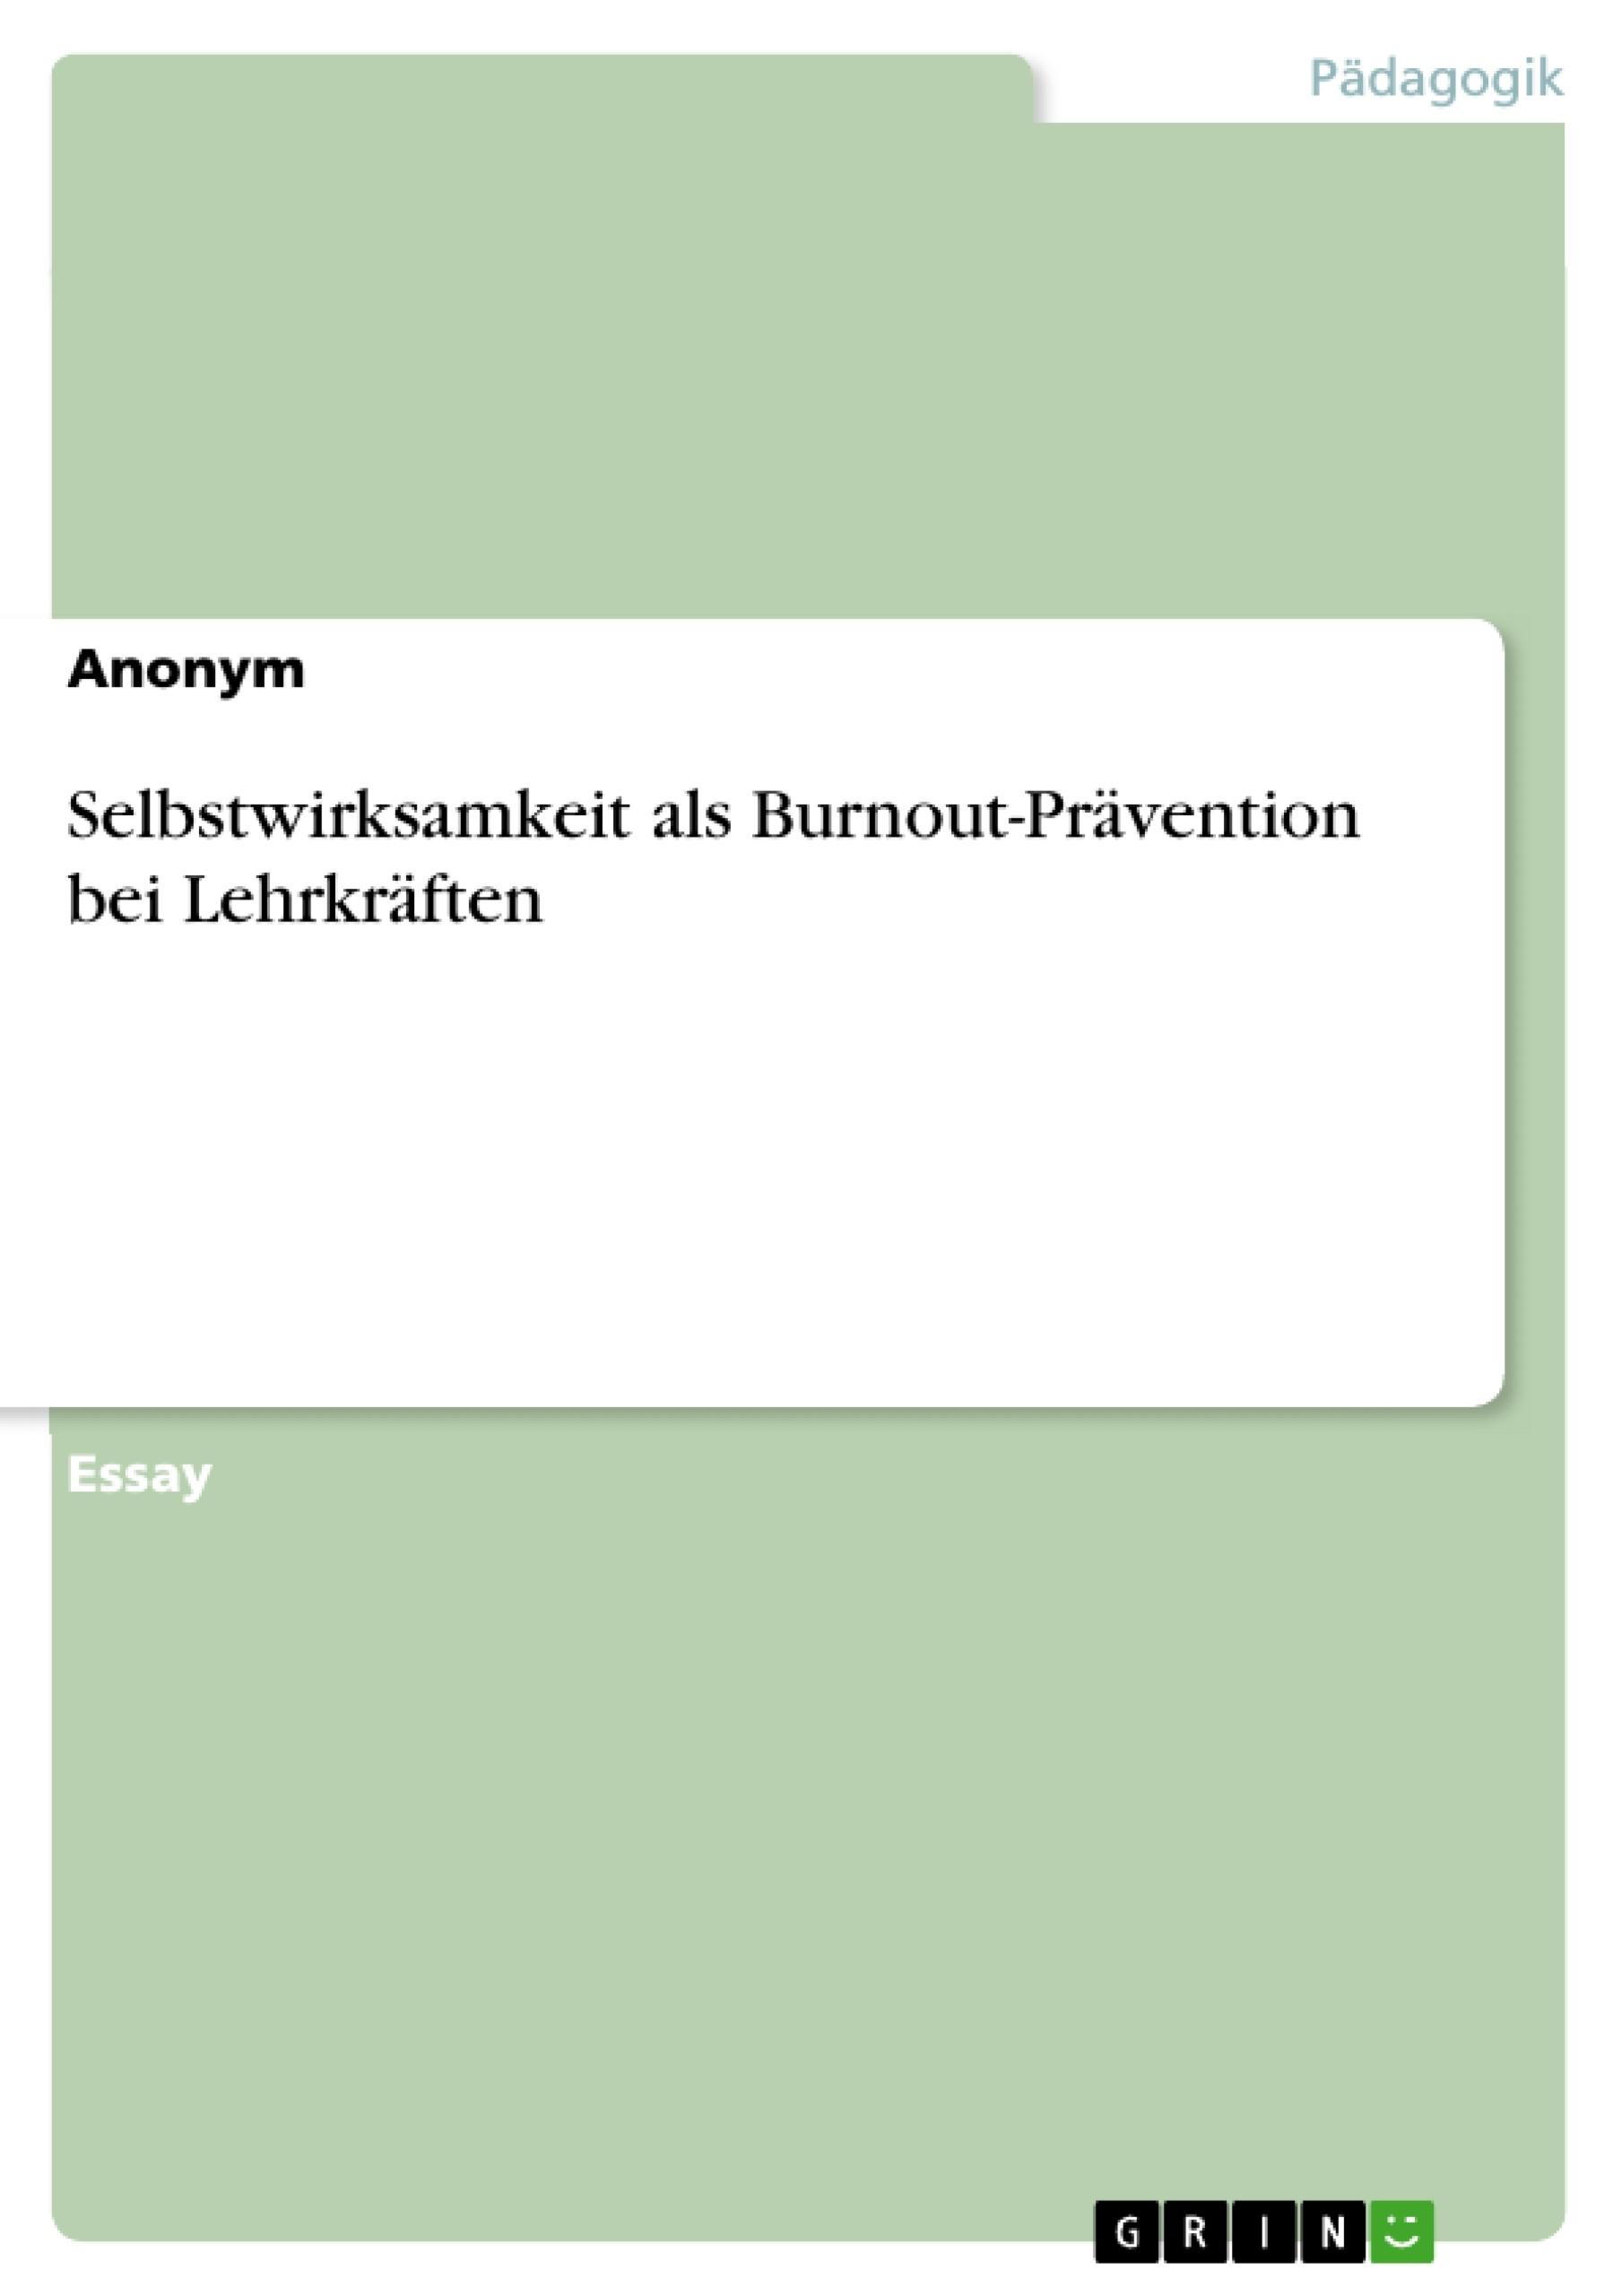 Titel: Selbstwirksamkeit als Burnout-Prävention bei Lehrkräften